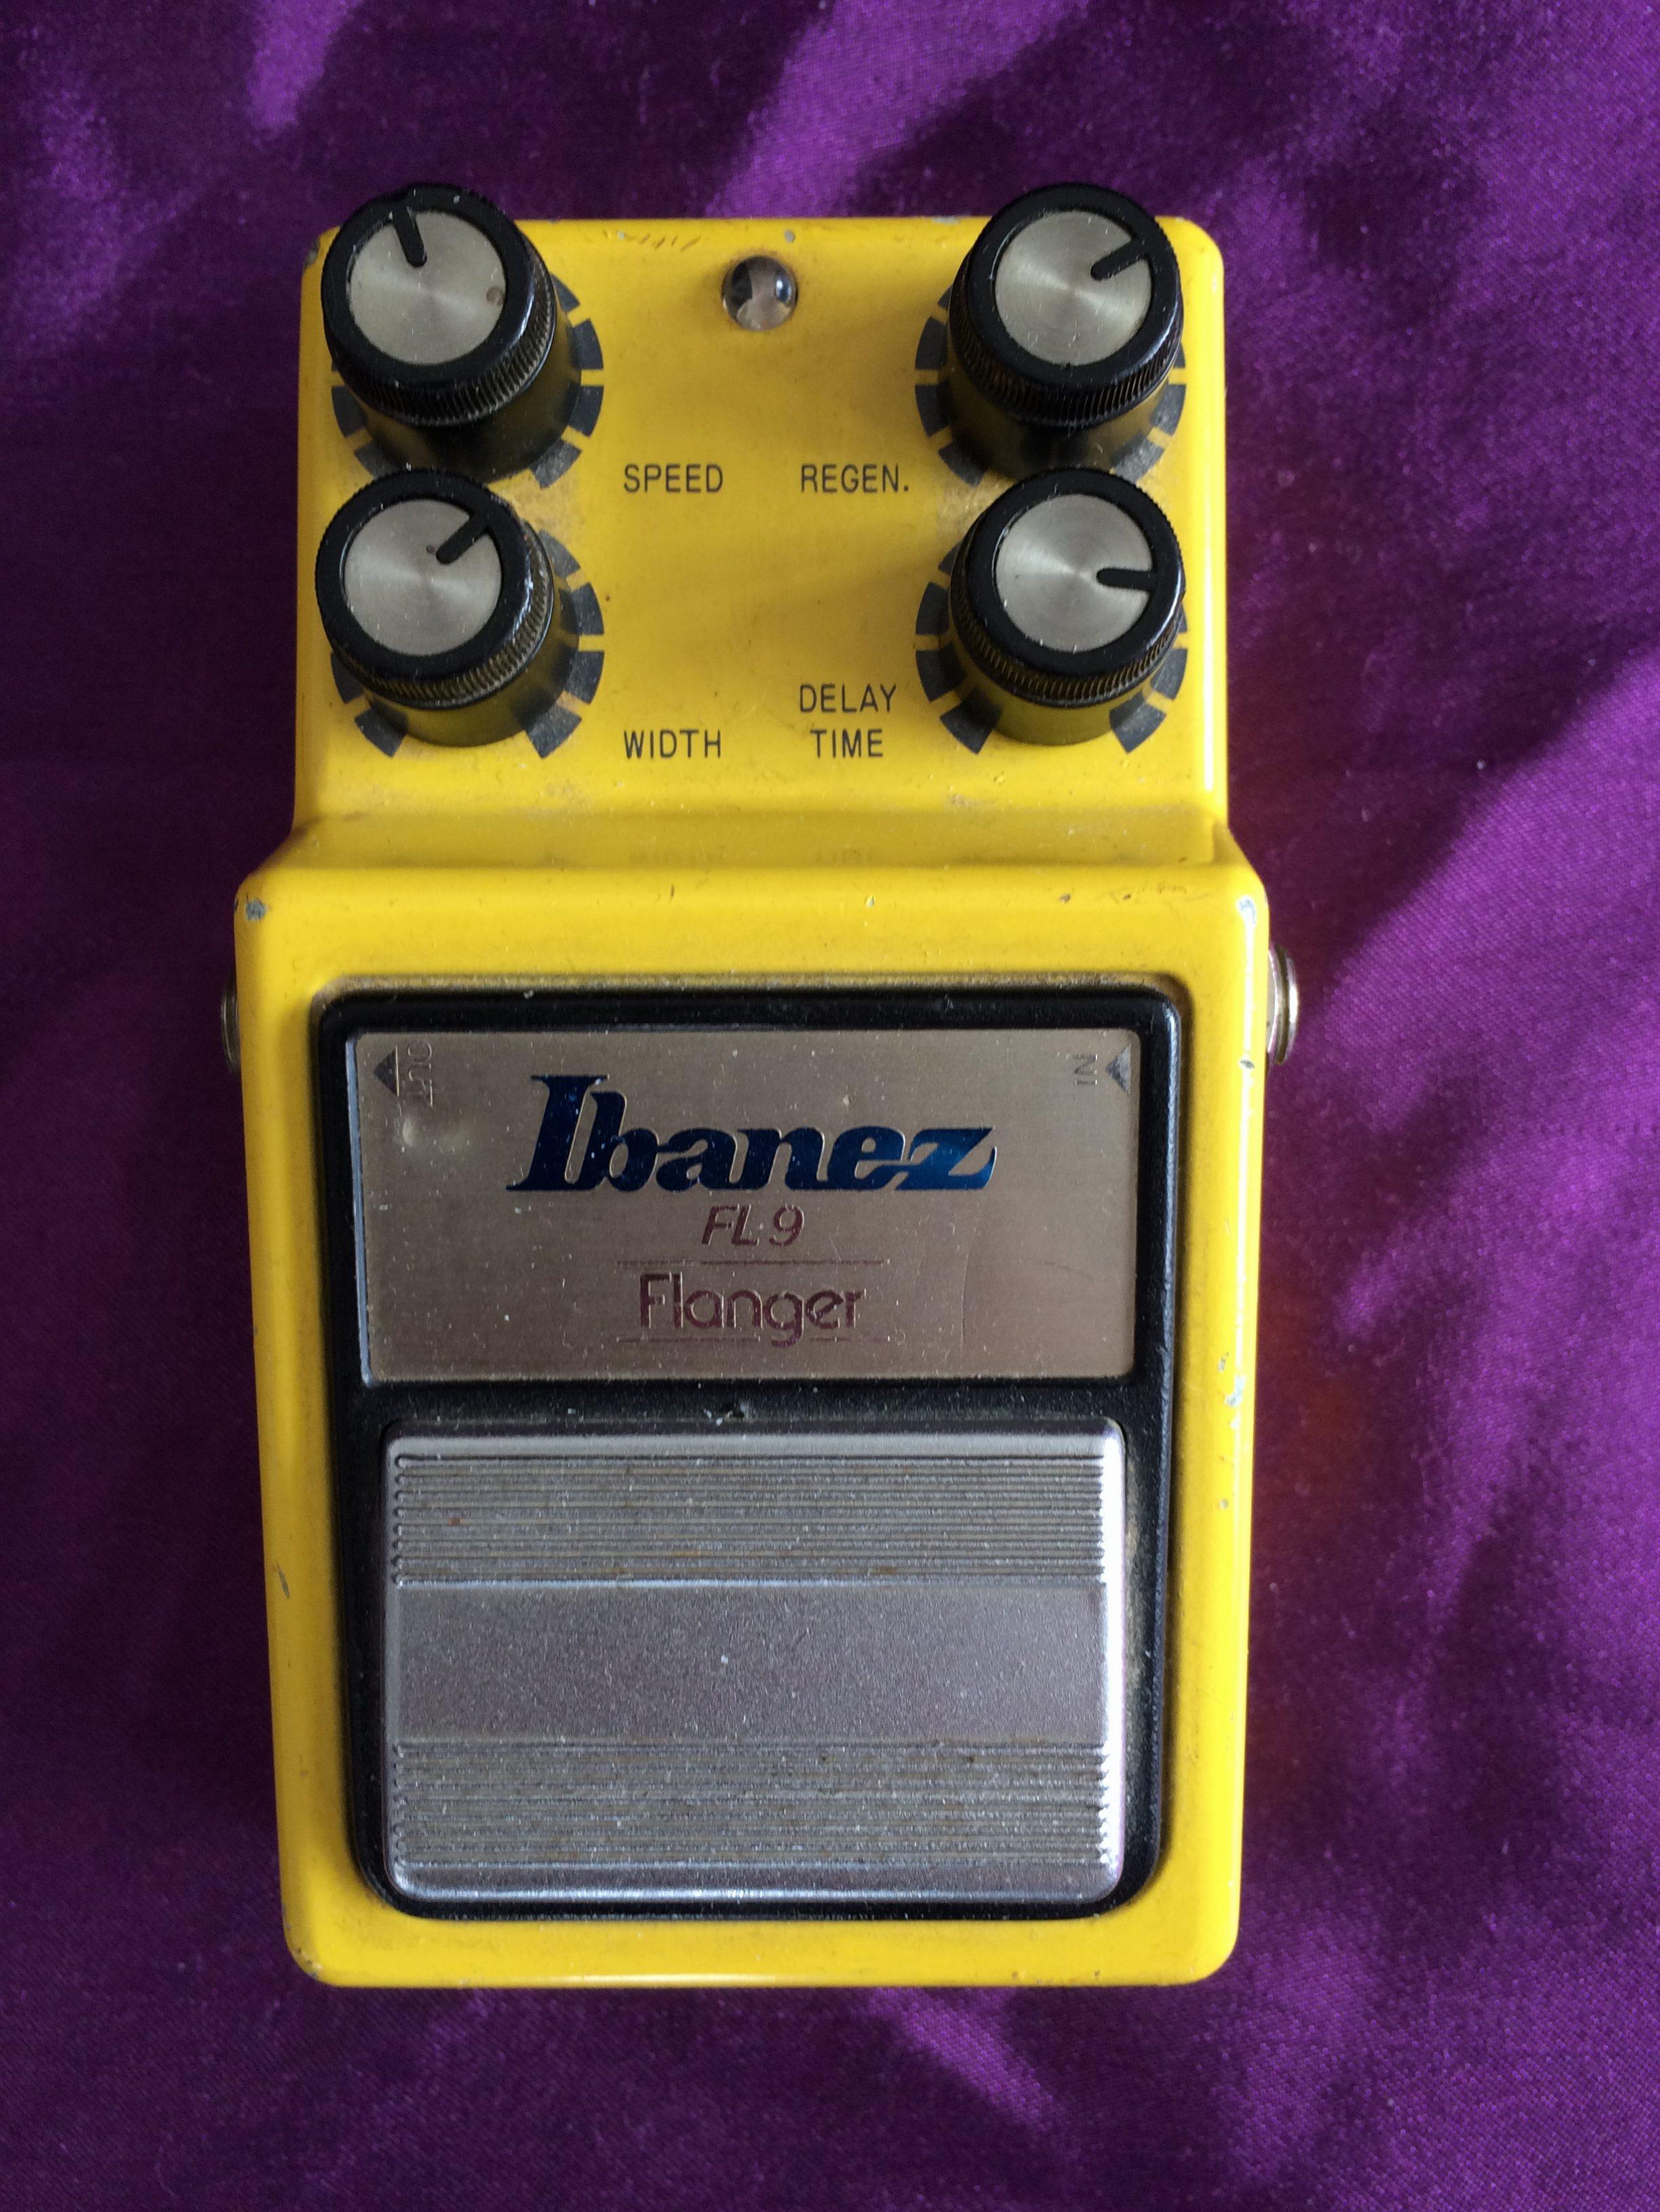 1982 Ibanez FL9 Flanger